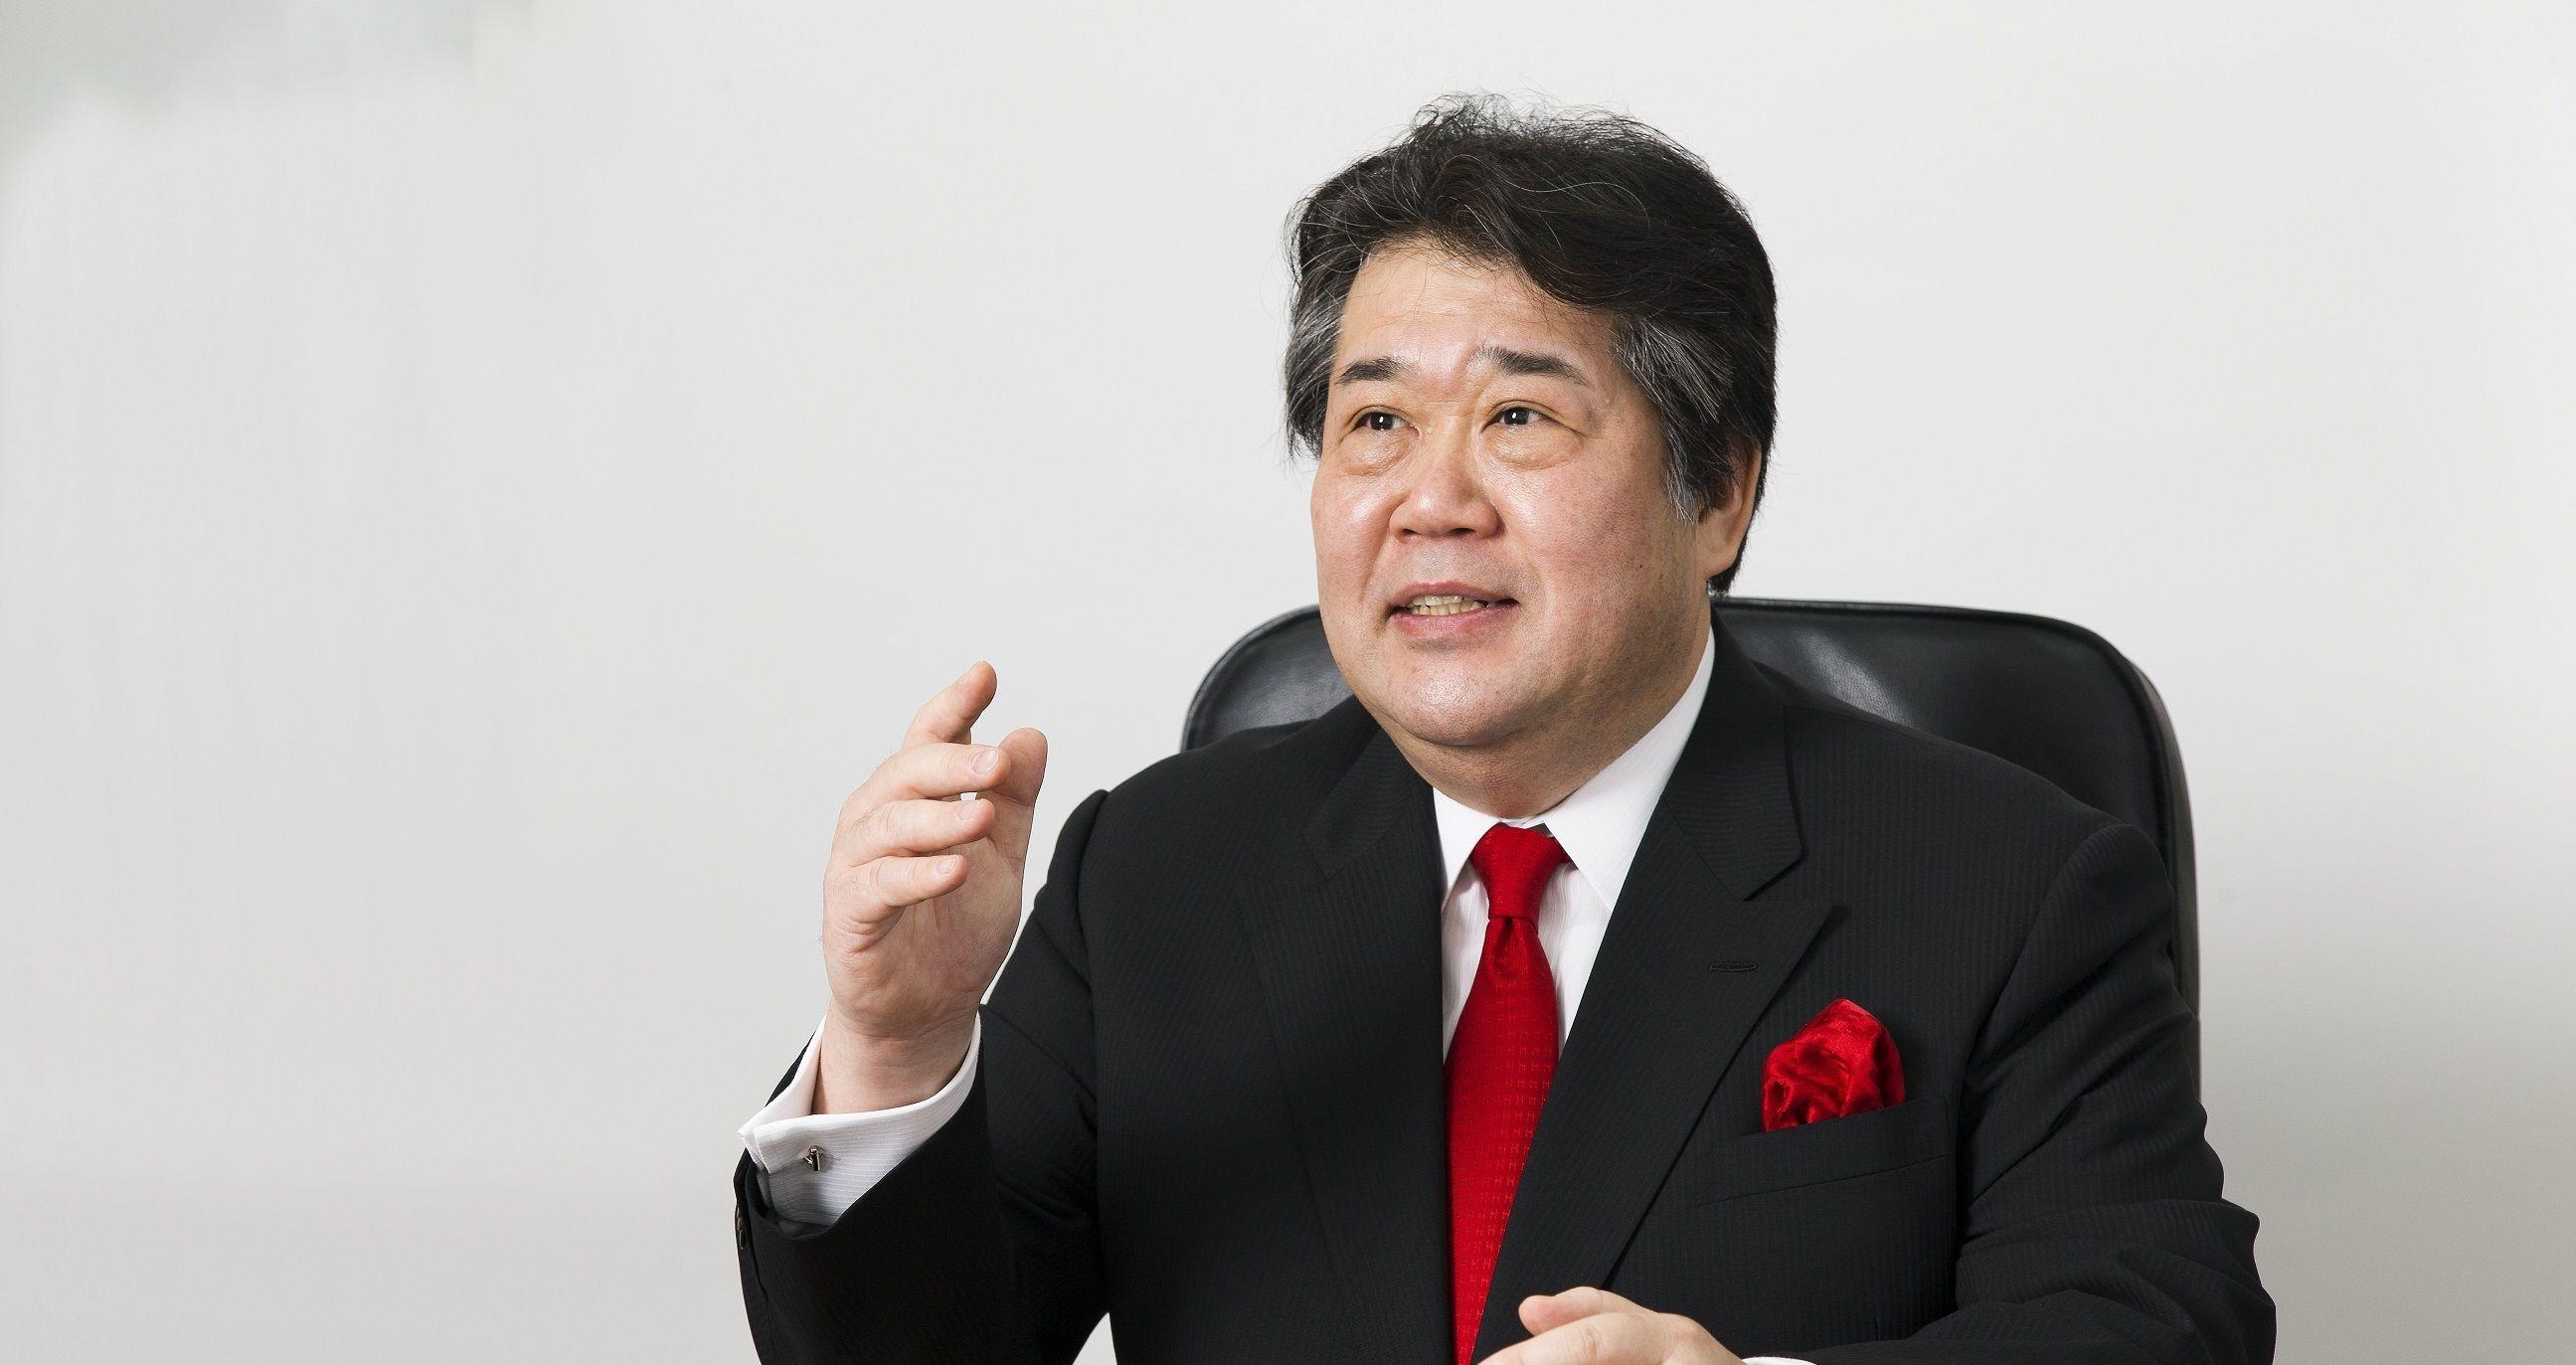 【日本社宅サービス】M&Aで社内に変革を 買収先には愛情をもって